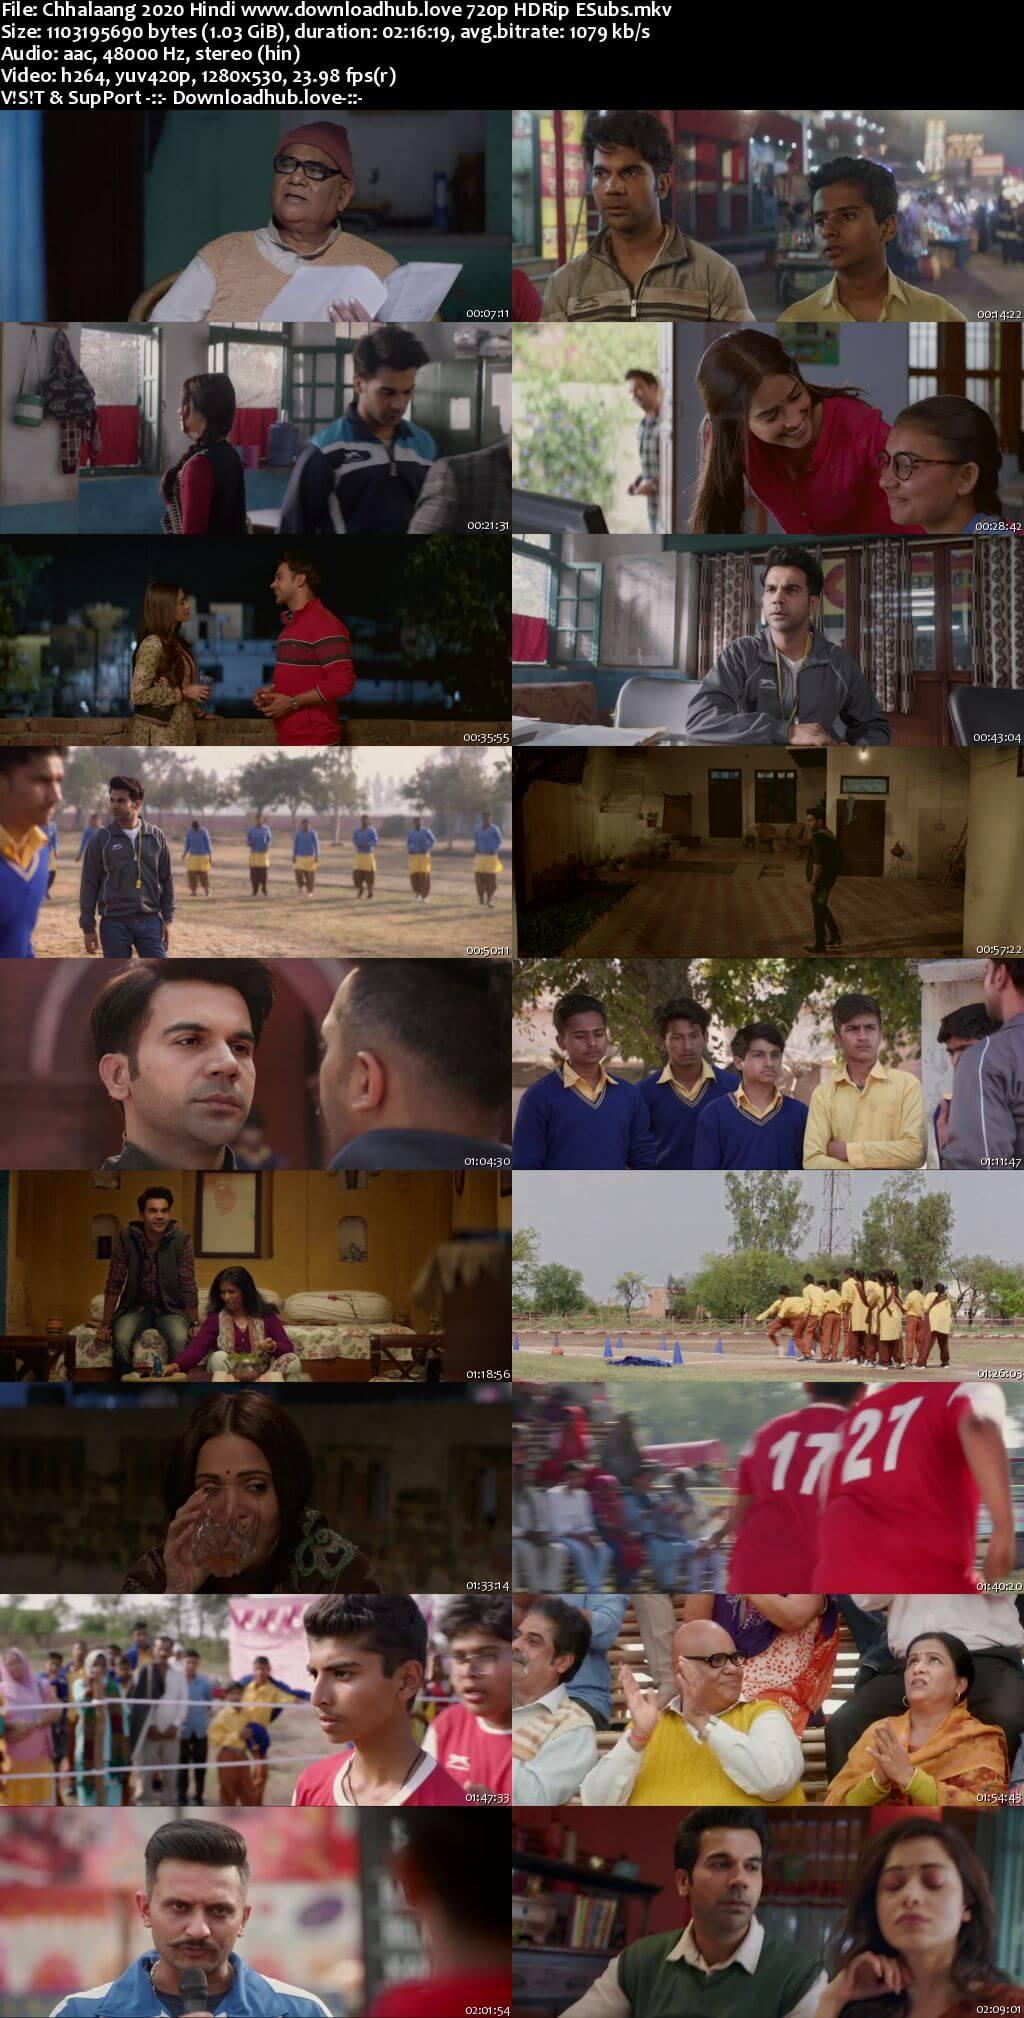 Chhalaang 2020 Hindi 720p HDRip ESubs